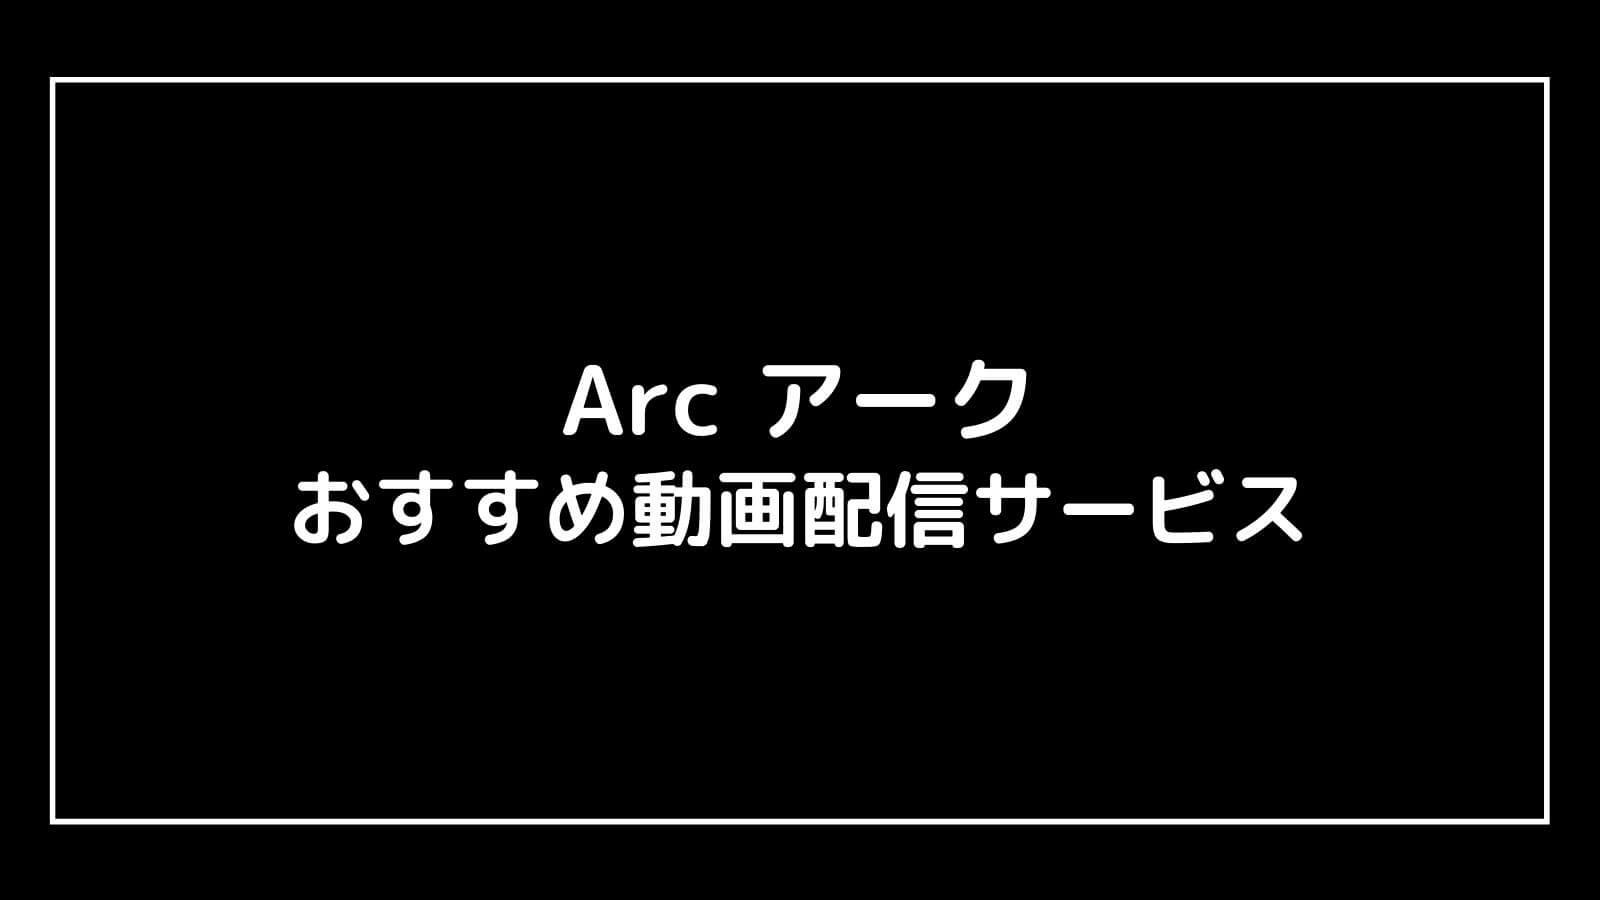 映画『Arc アーク』の無料動画をフル視聴できるおすすめ配信サービス